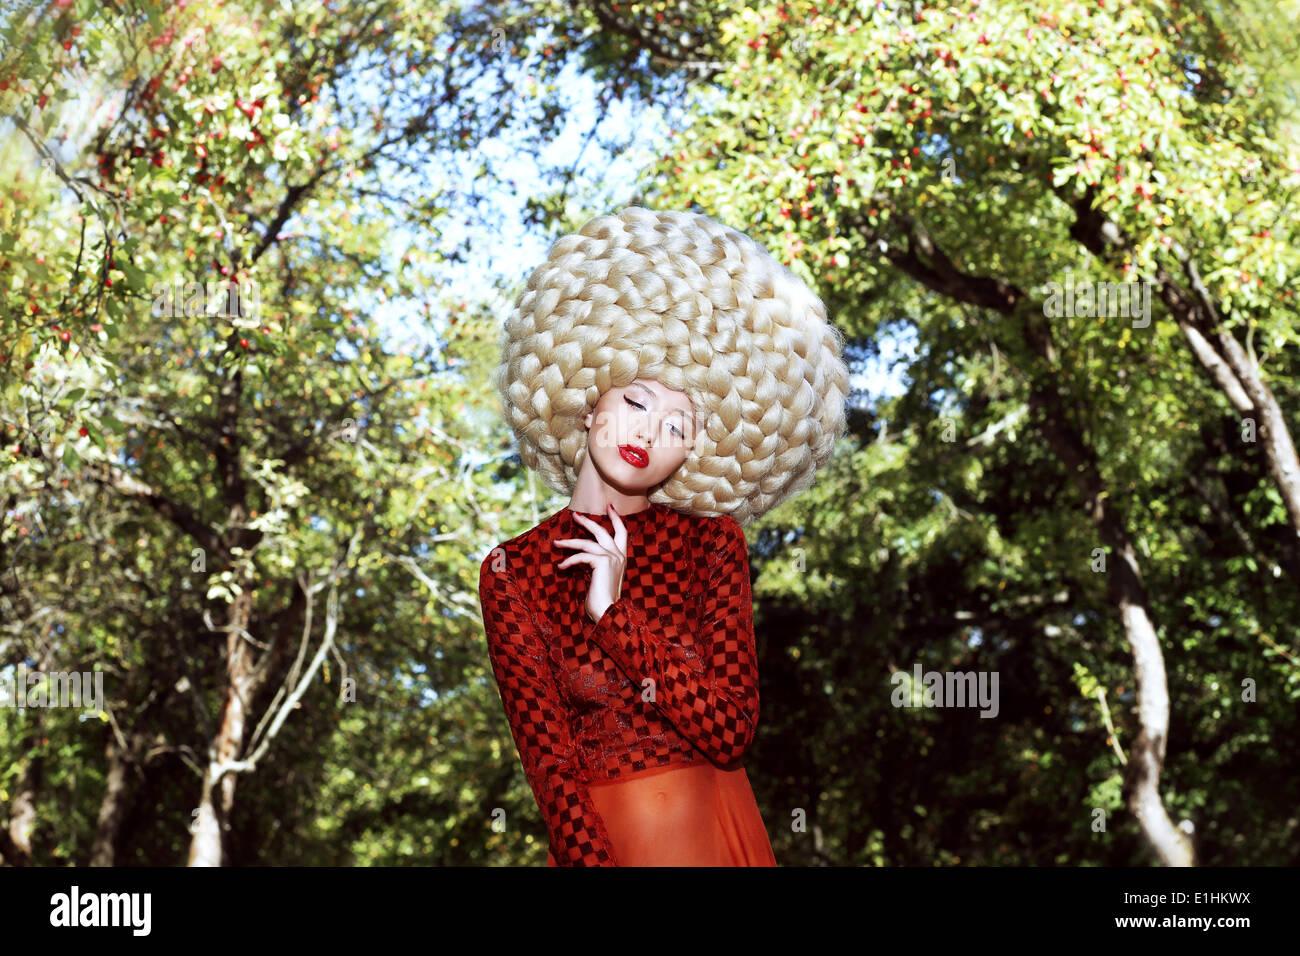 Peinado extraordinarios. La mujer en el arte suntuoso peluca con cabello ondulado Imagen De Stock